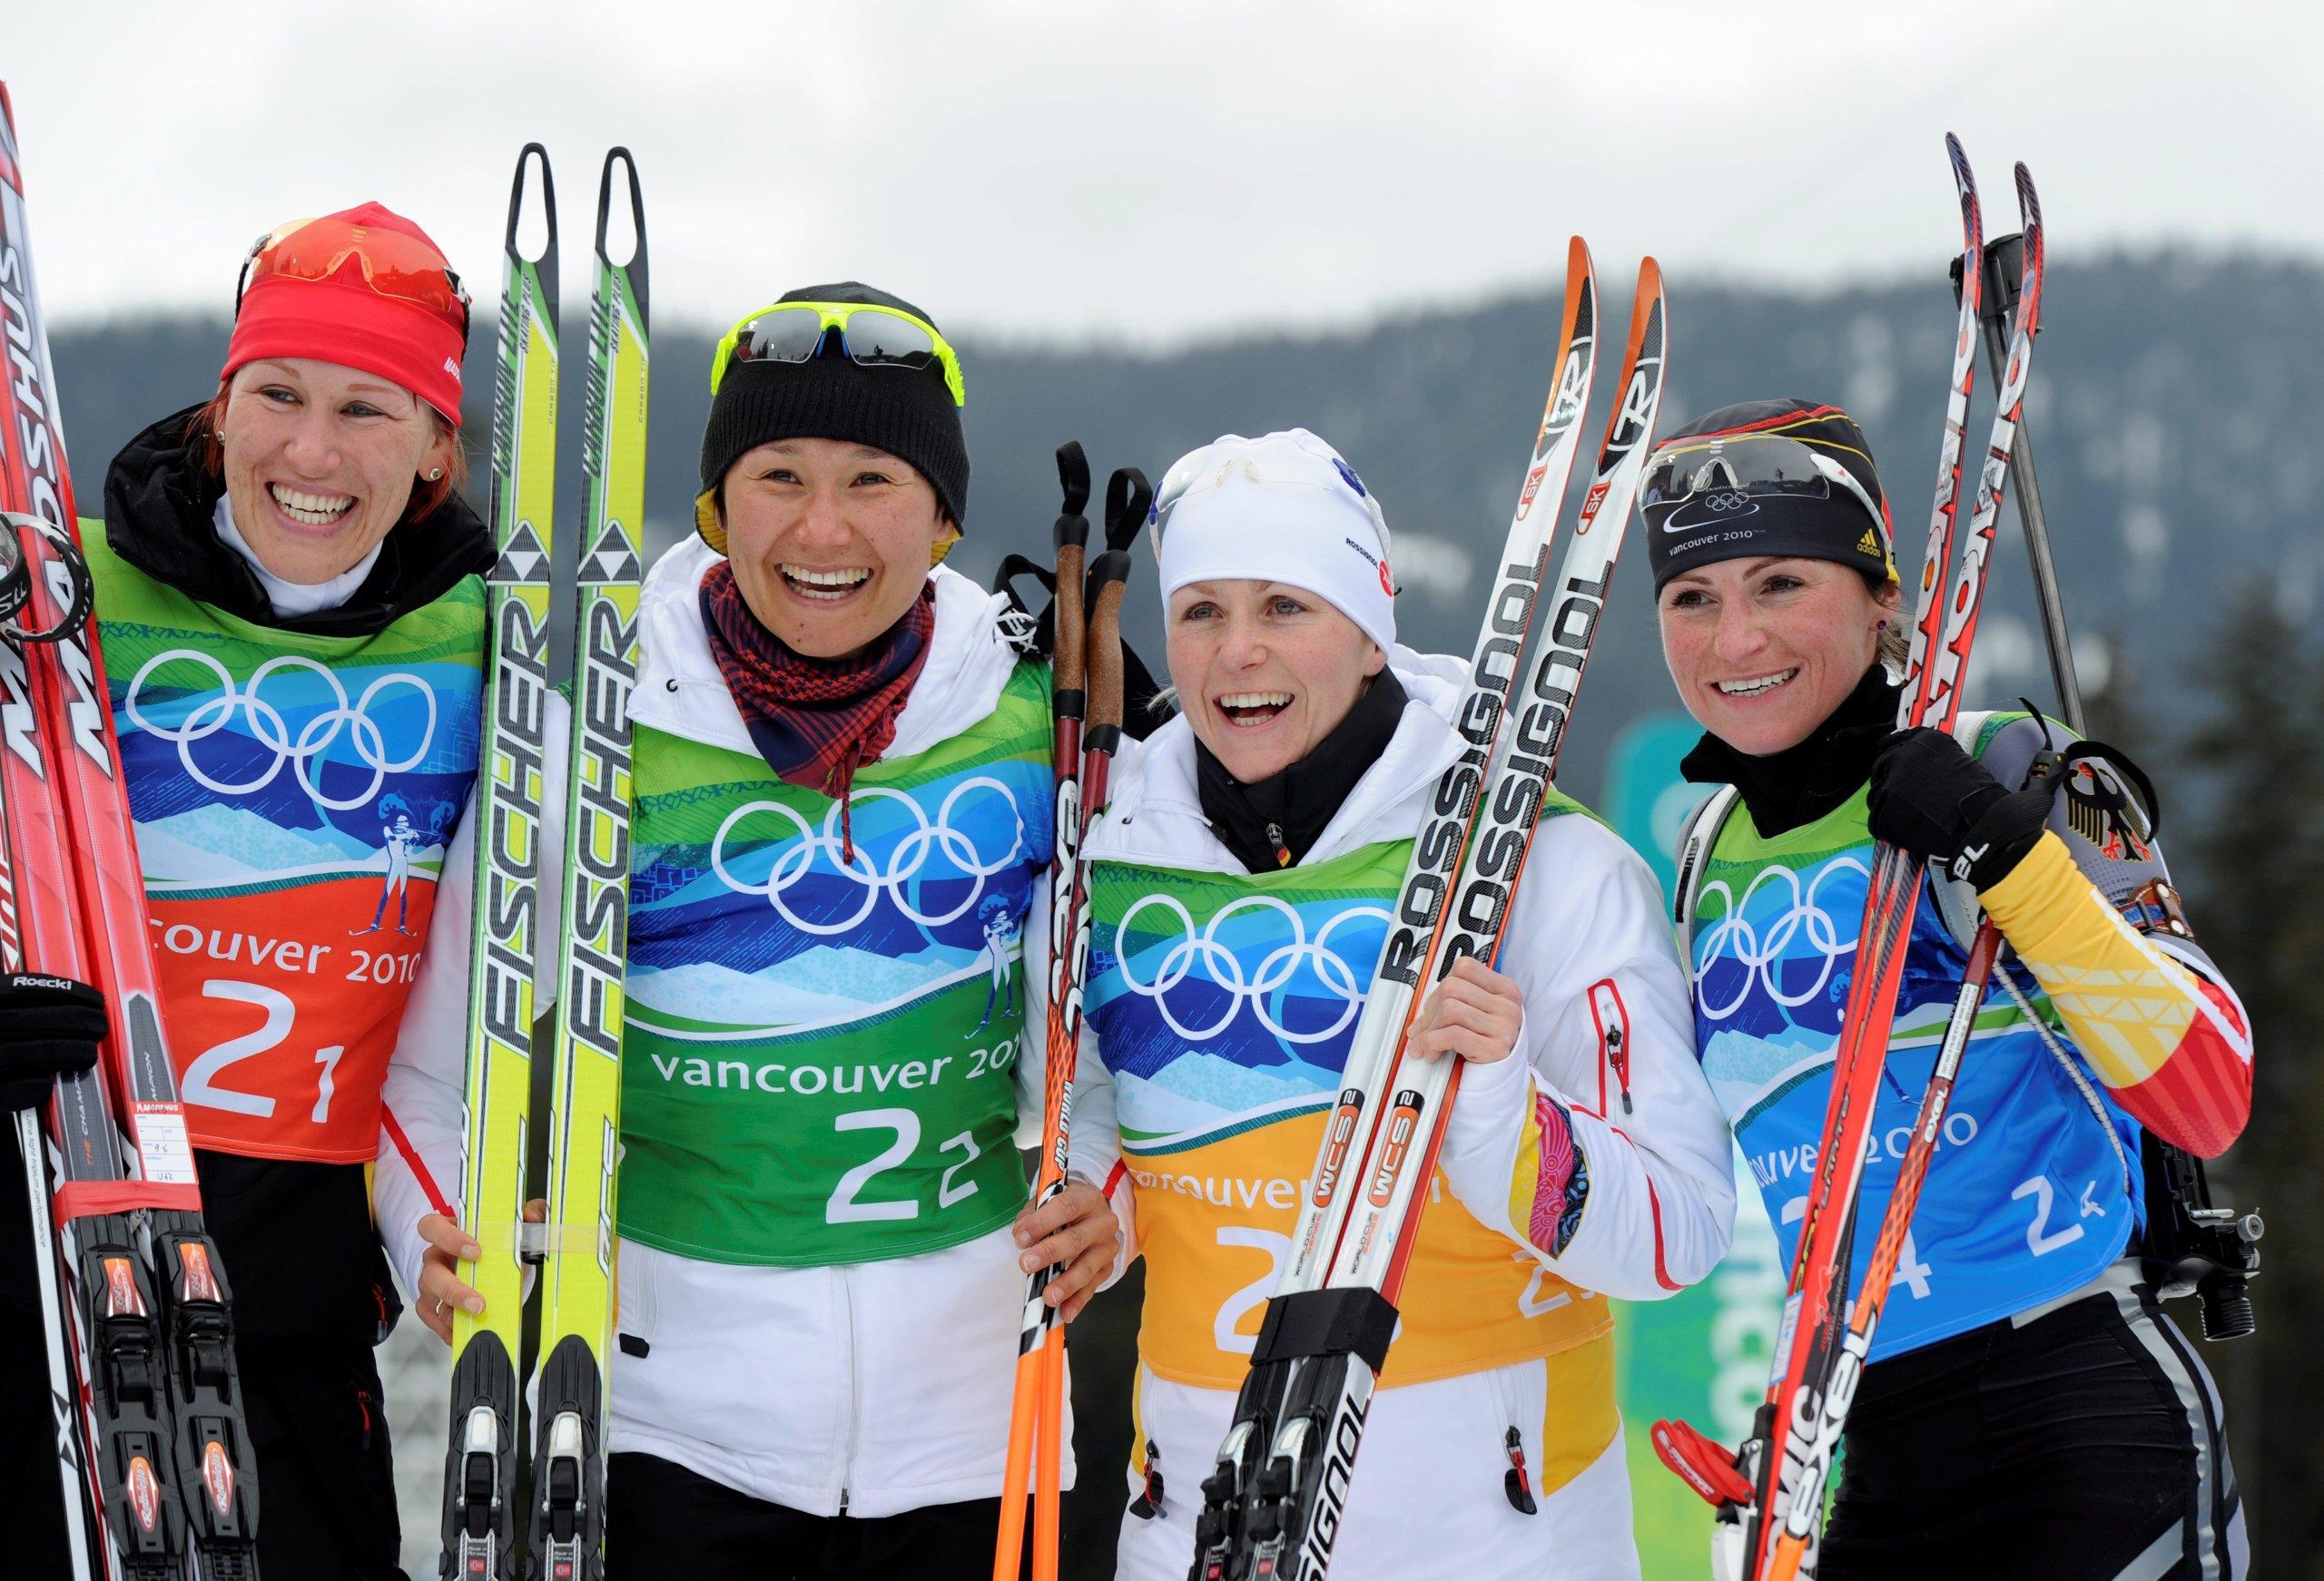 Gold für Russland in der Staffel, deutsches Quartett holt Bronze